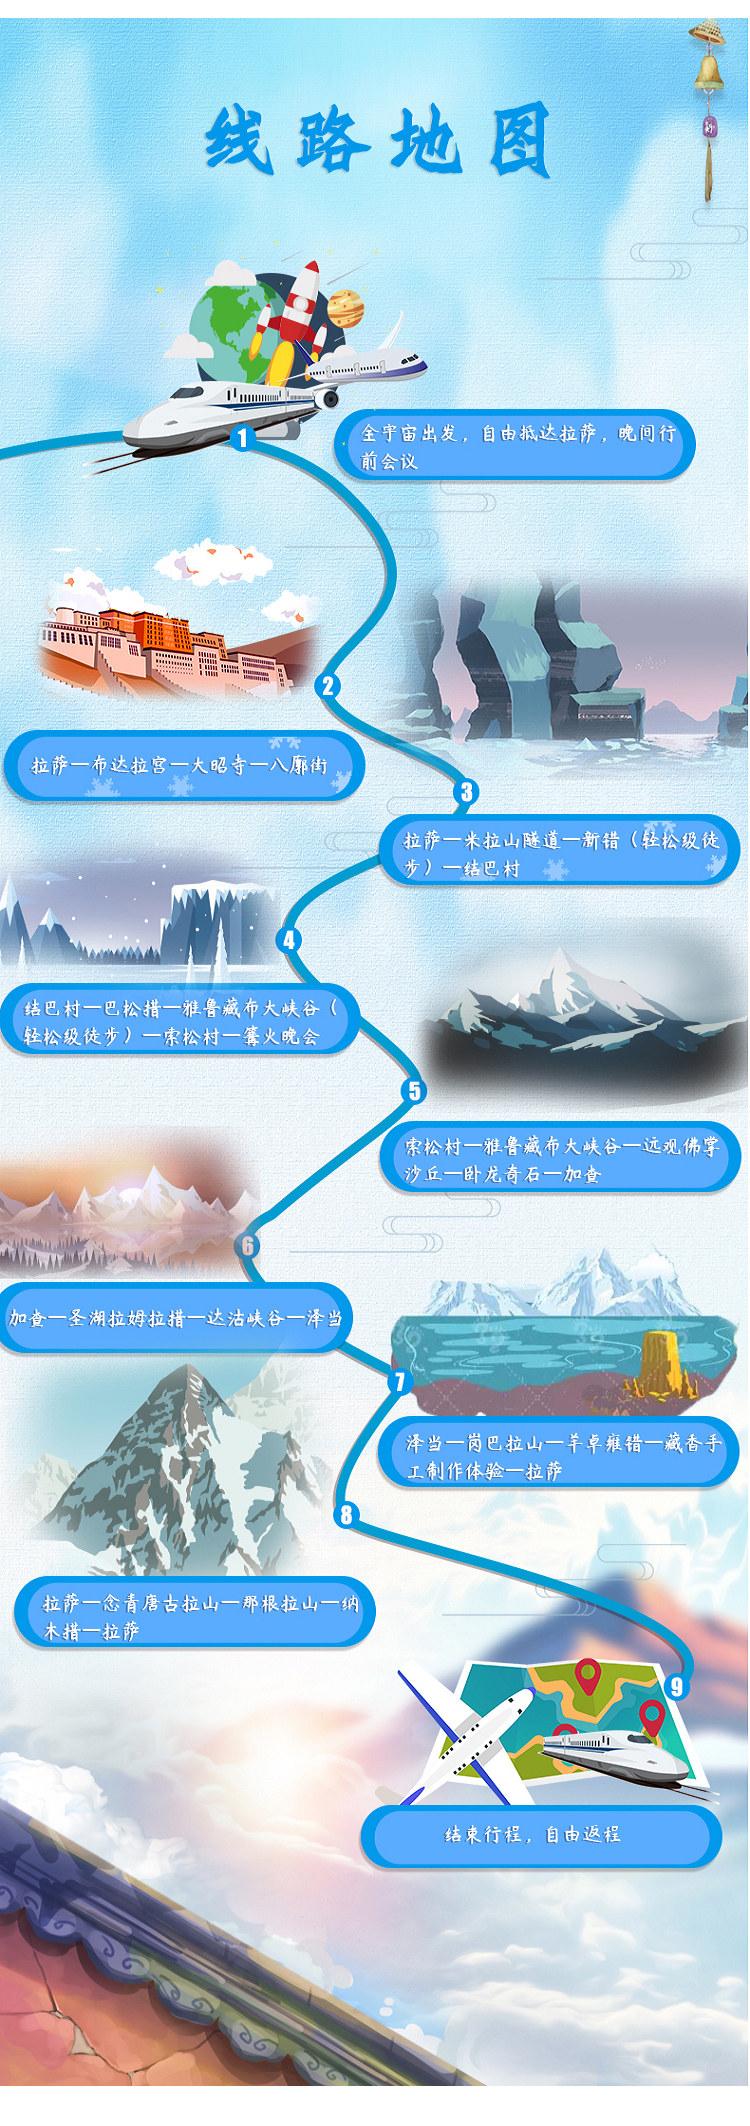 2021深度拉萨林芝山南环线 (6-1)_副本